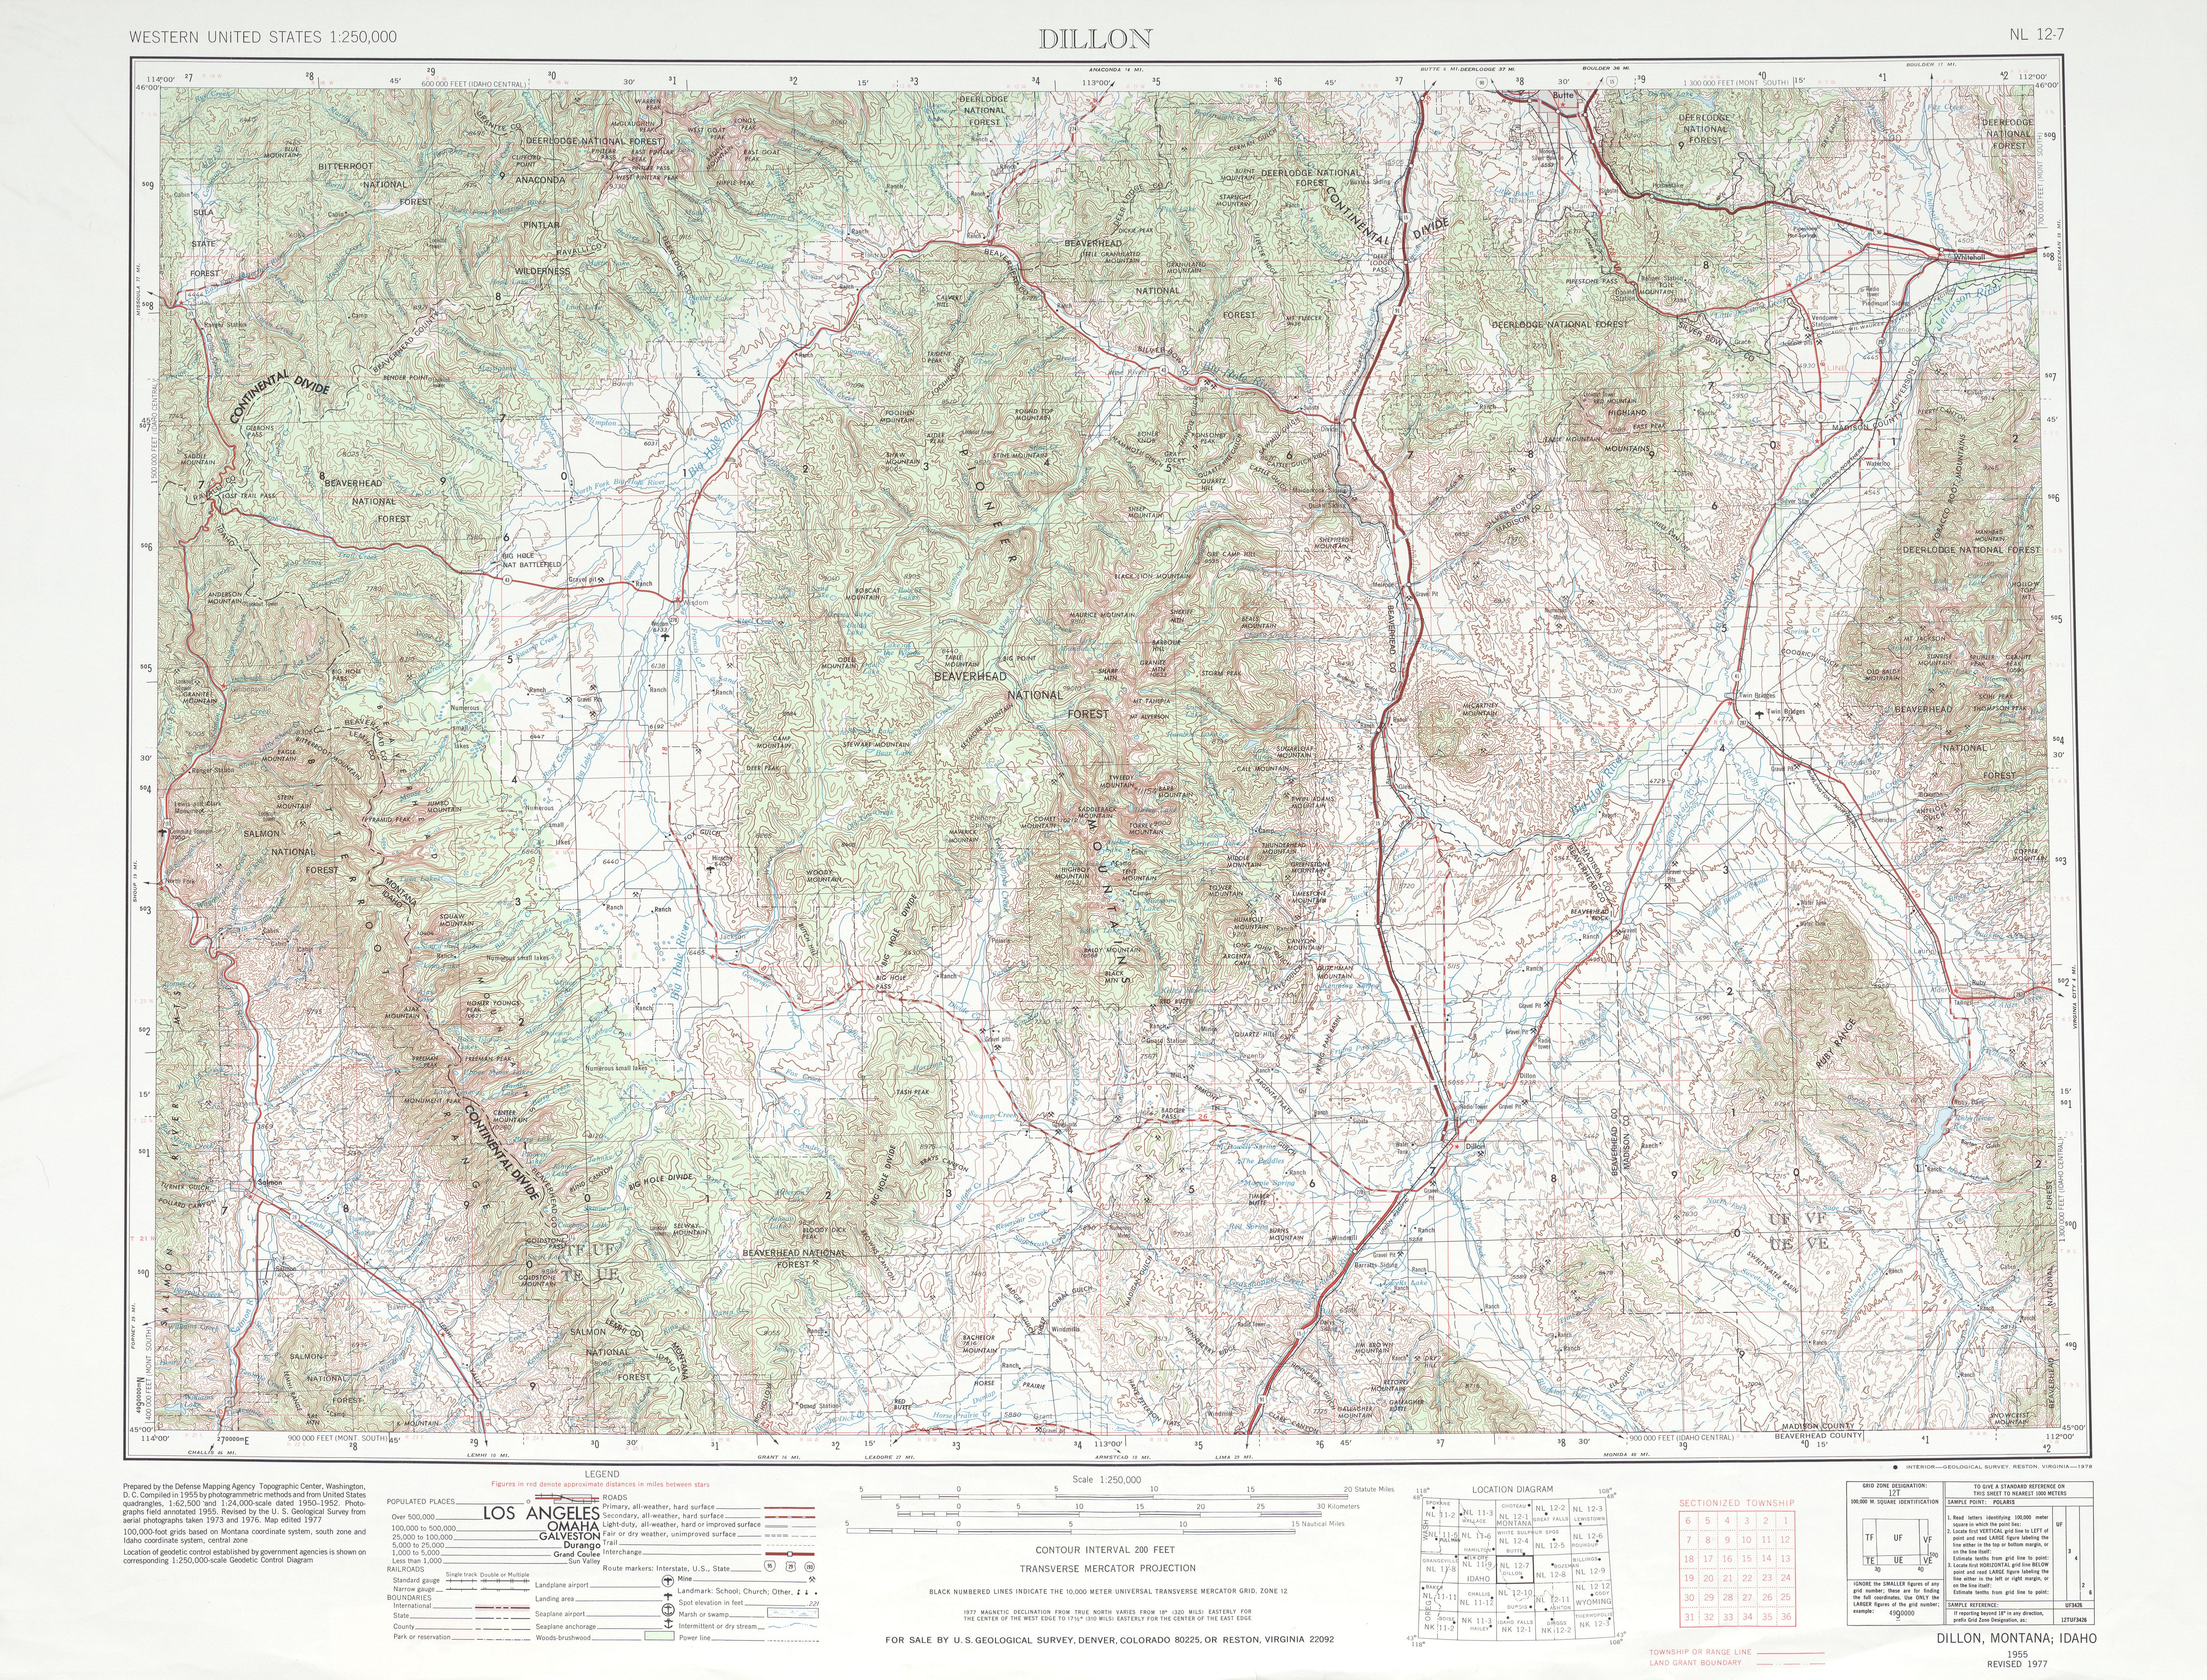 Hoja Dillon del Mapa Topográfico de los Estados Unidos 1985